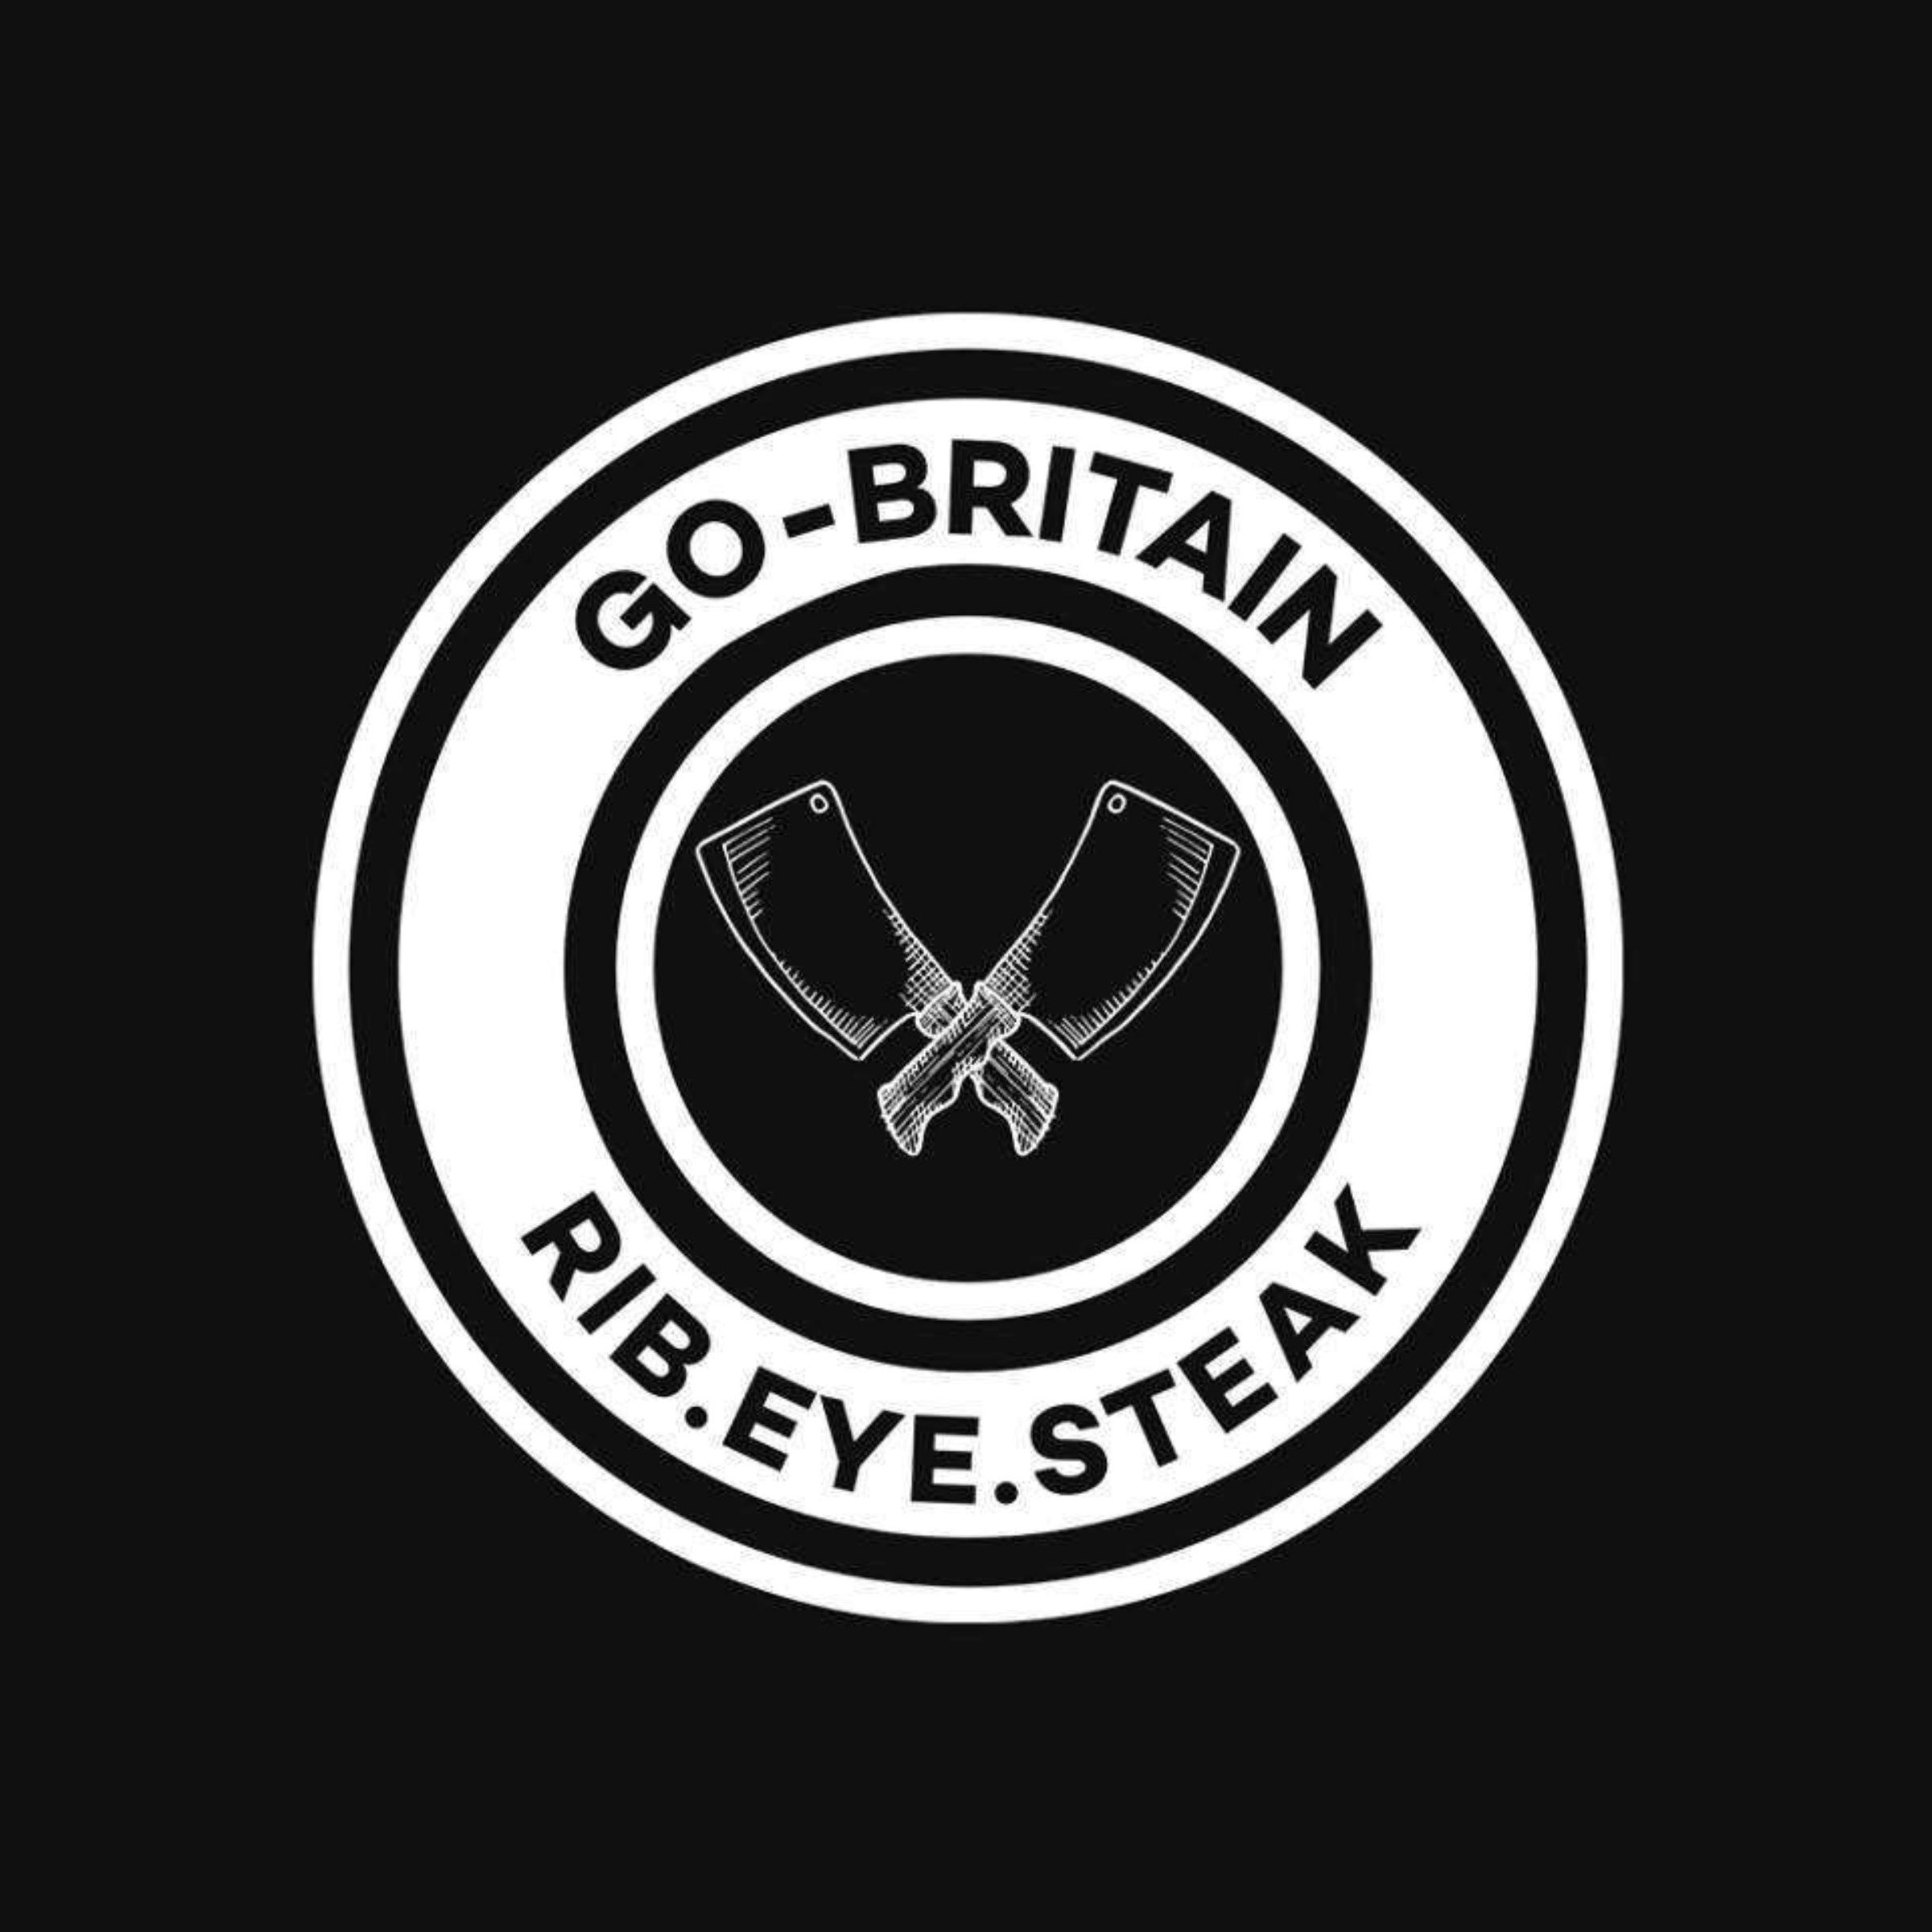 Gobritain